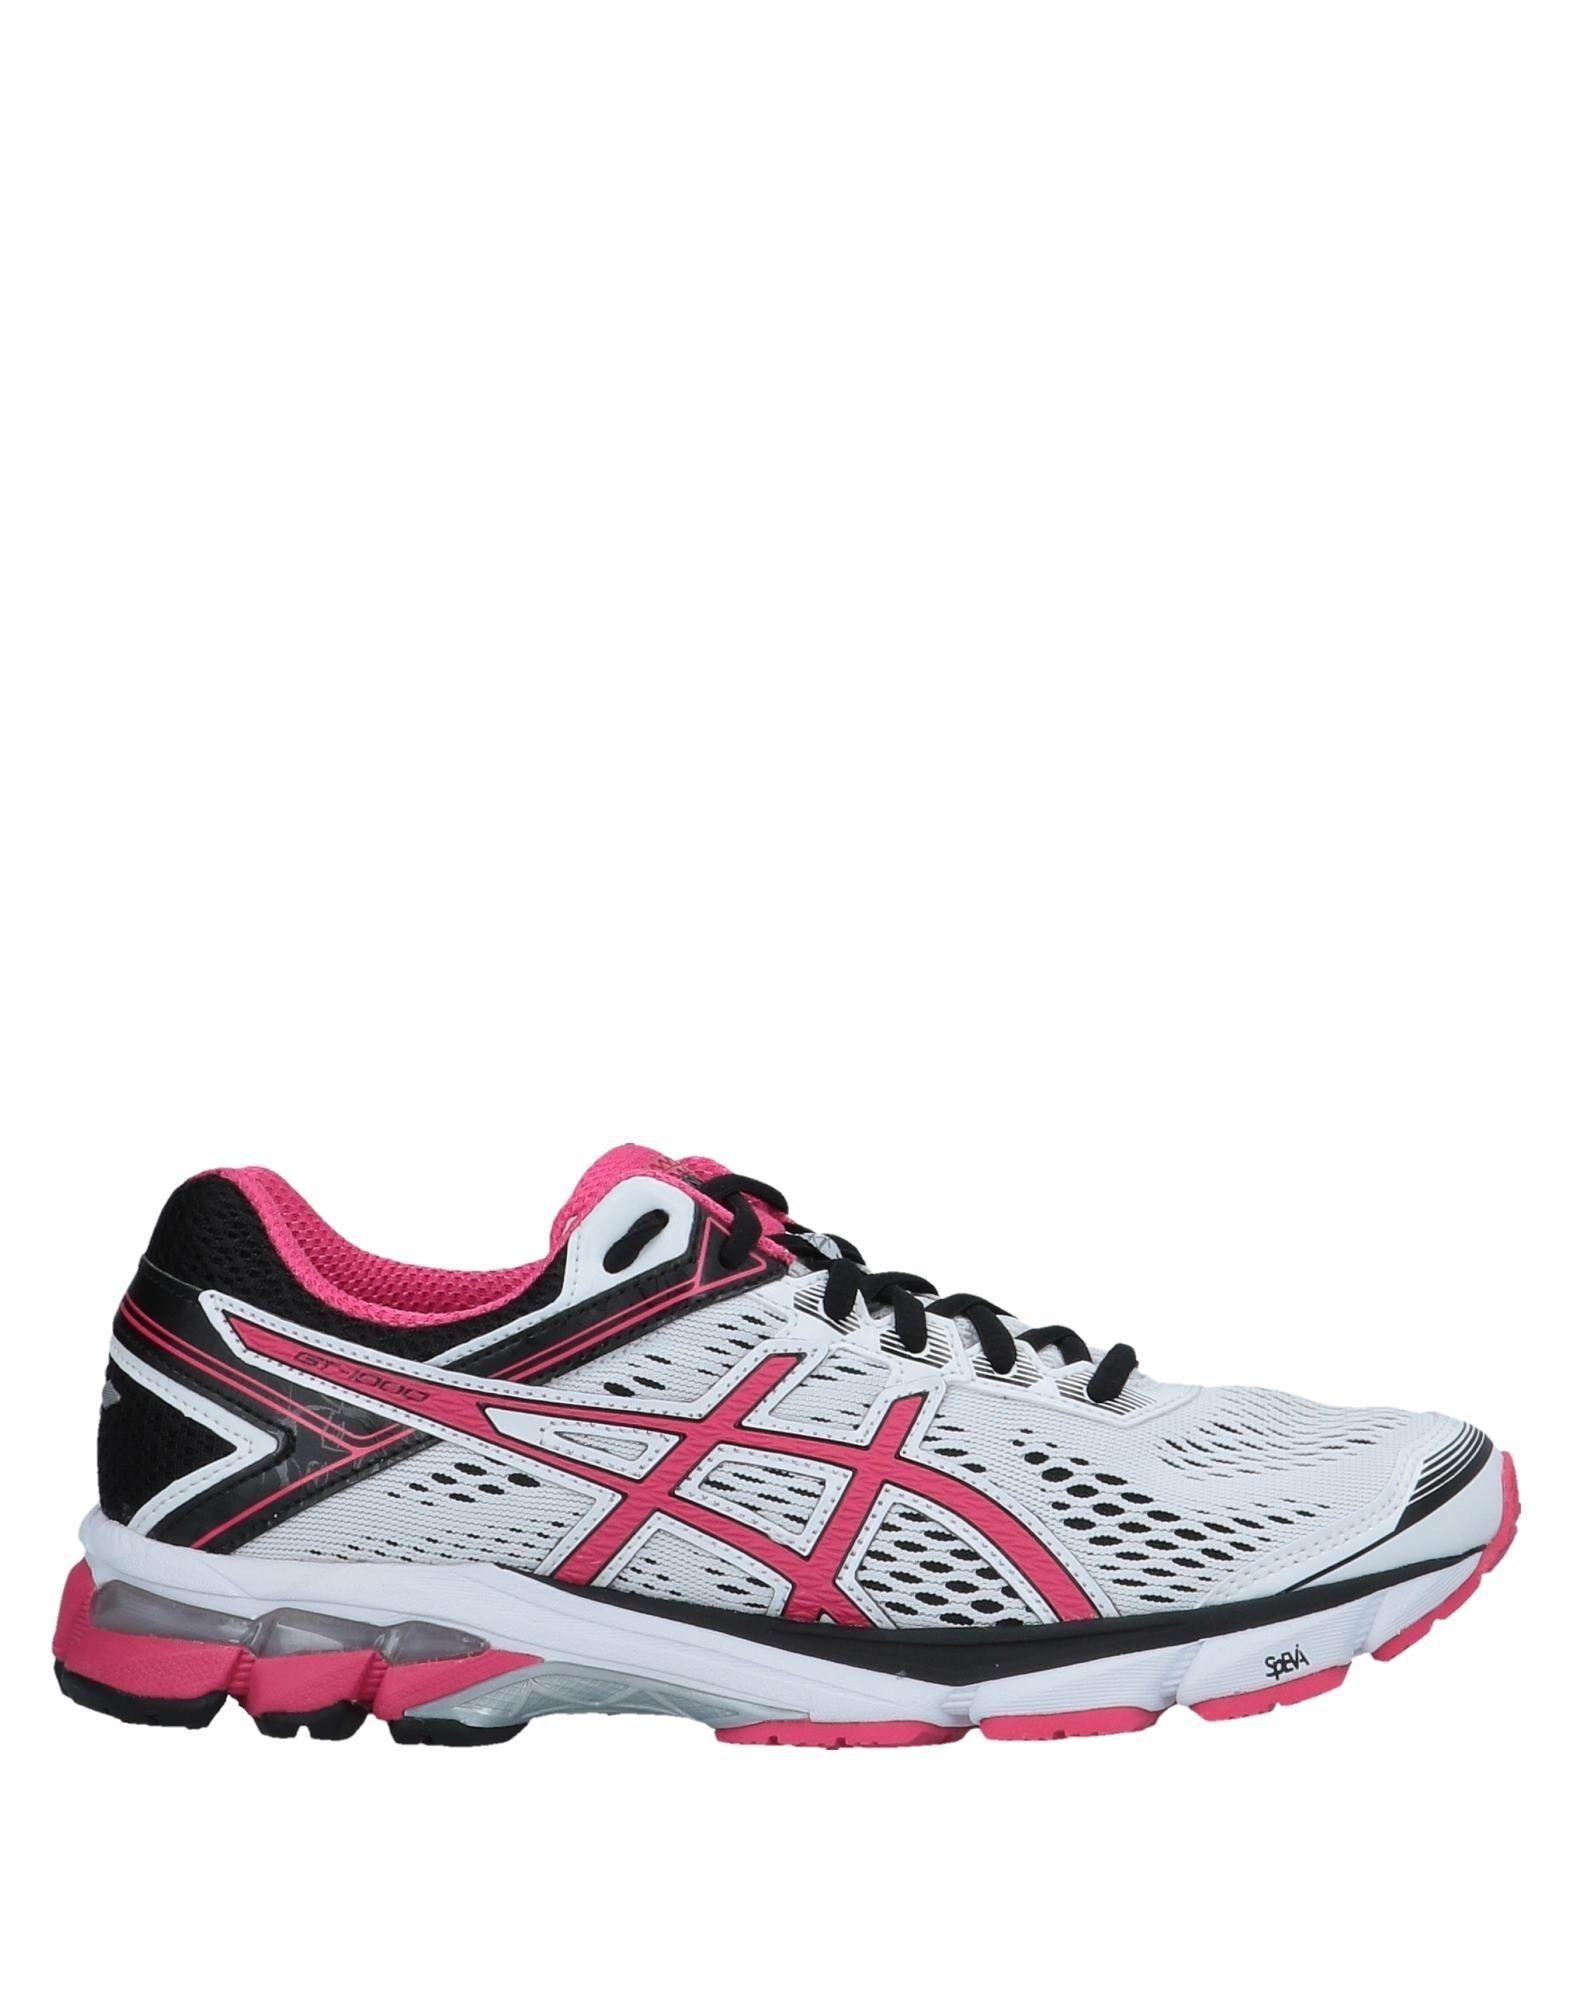 Asics Sneakers Damen  11538522KJ Gute Qualität beliebte Schuhe